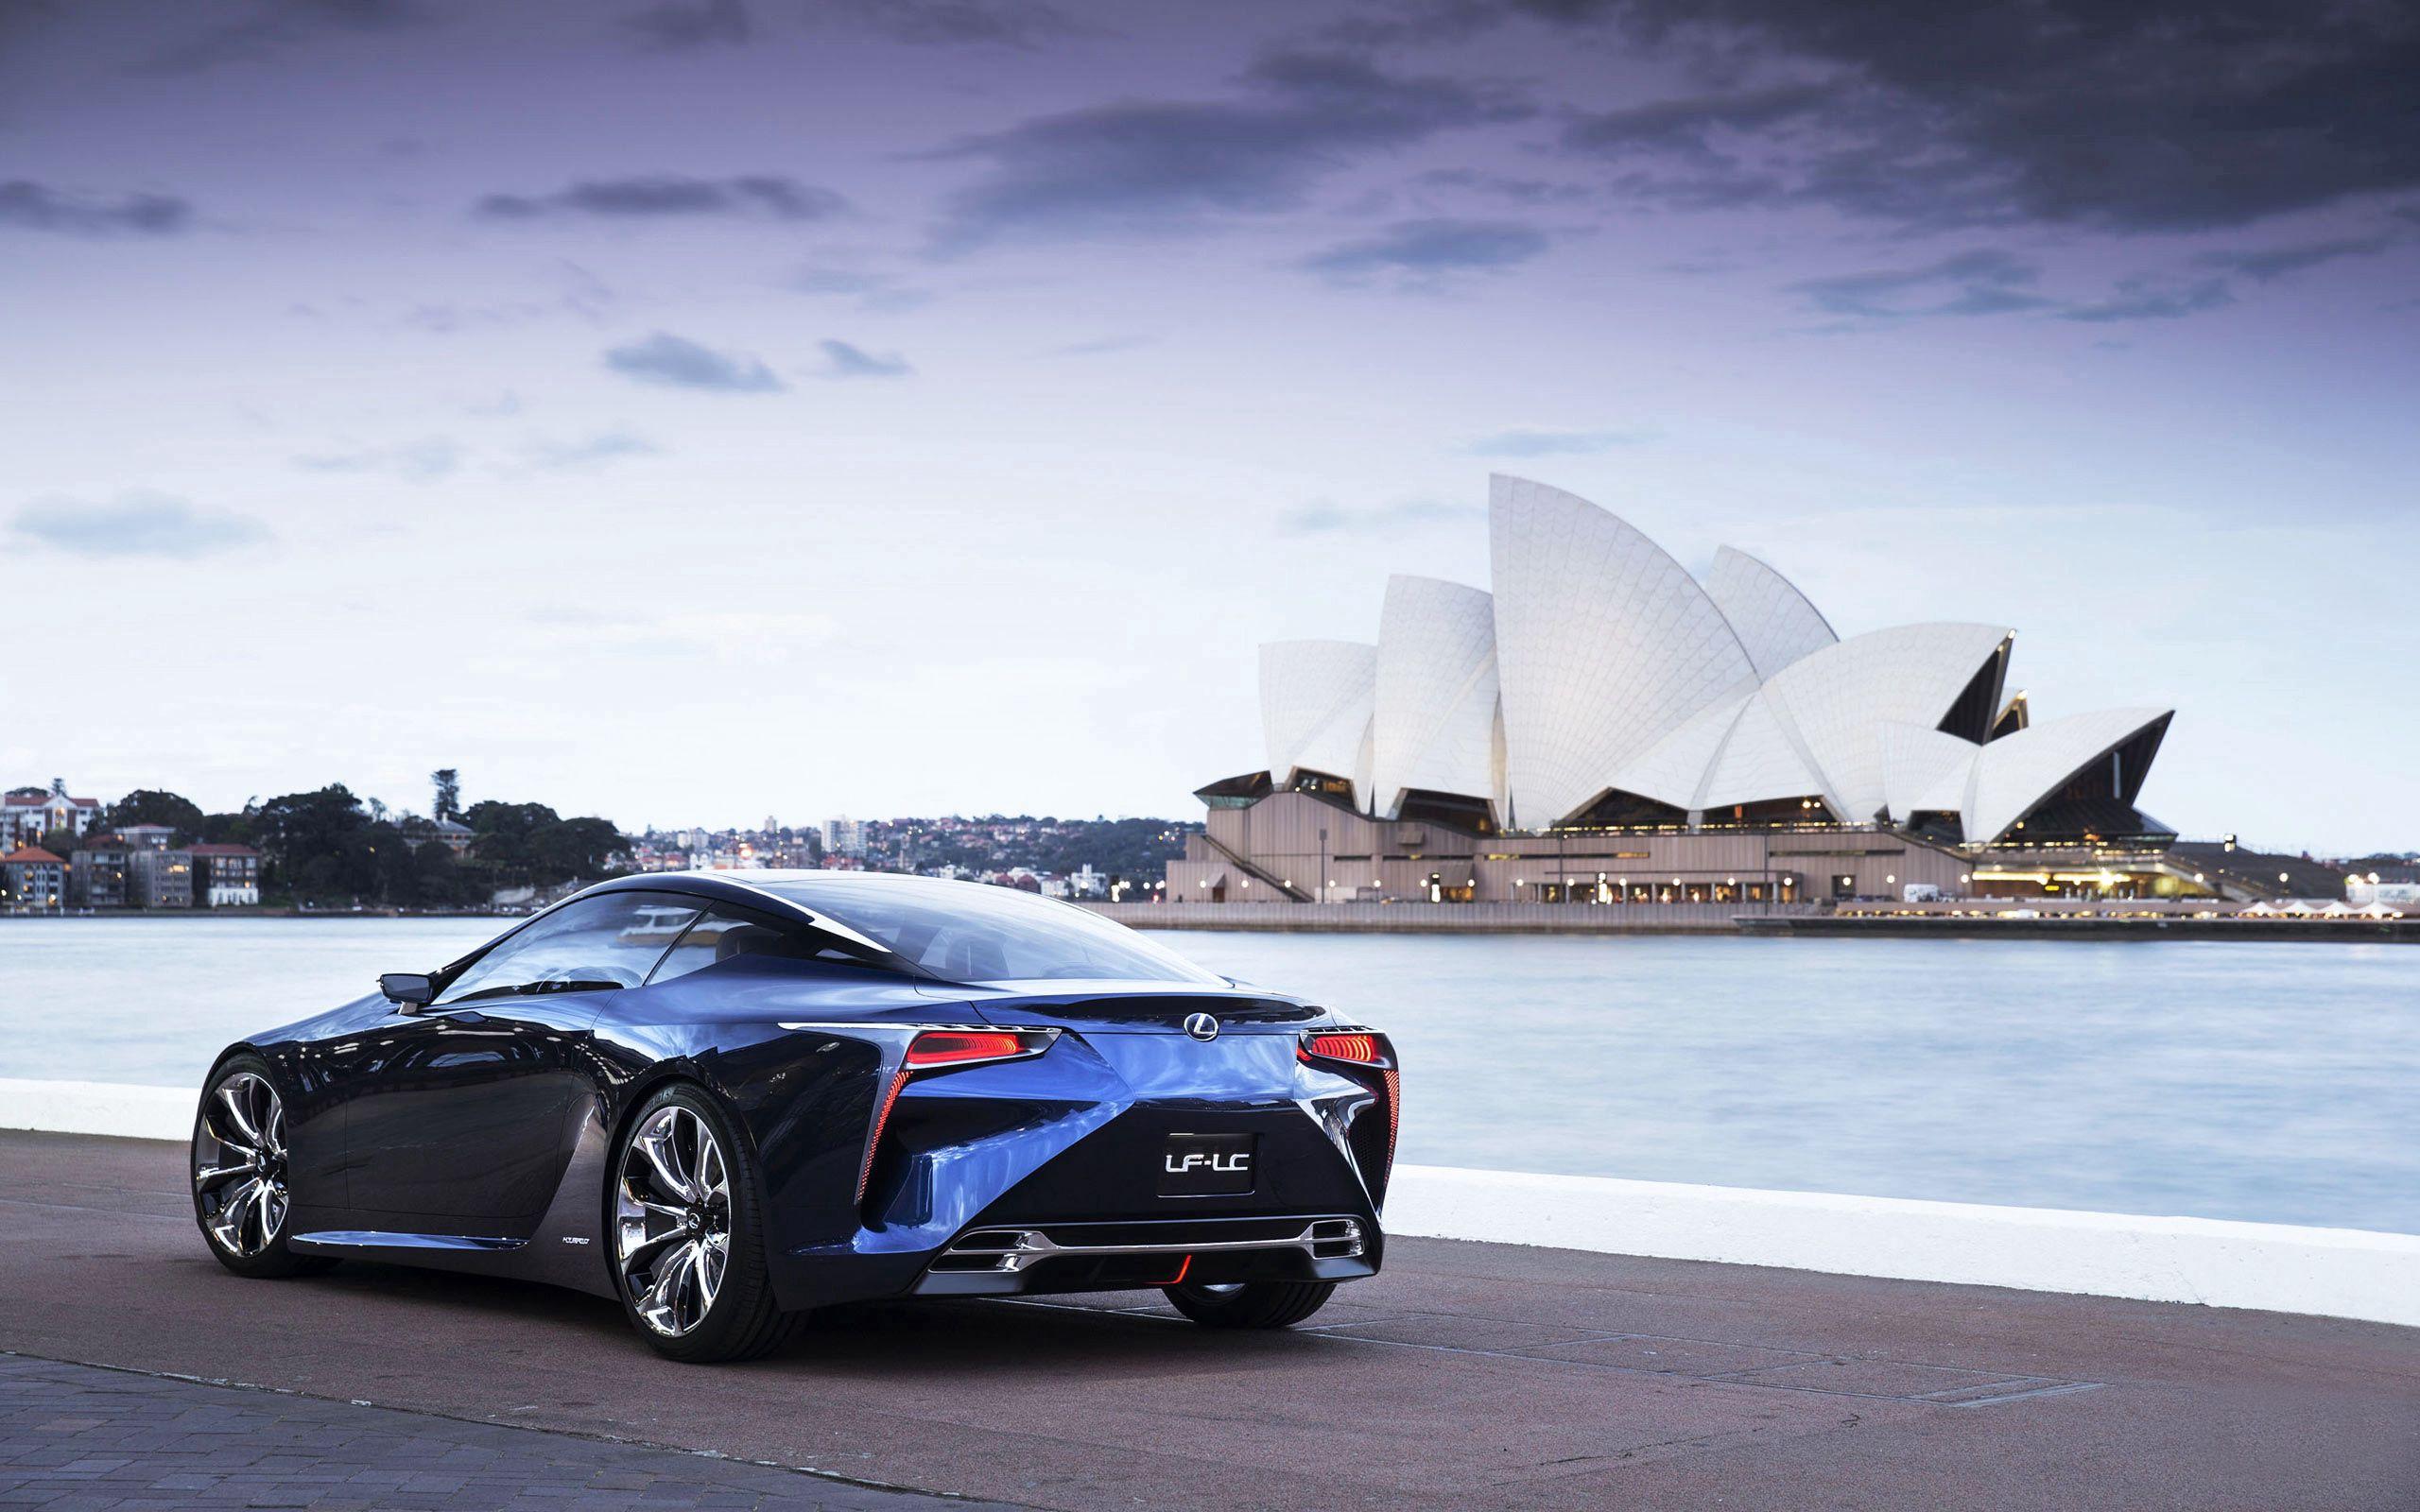 148681 Hintergrundbild herunterladen Lexus, Sydney, Cars, Australien, Oper, Opera, Lexus Lf Lc, Nsw, New South Wales - Bildschirmschoner und Bilder kostenlos